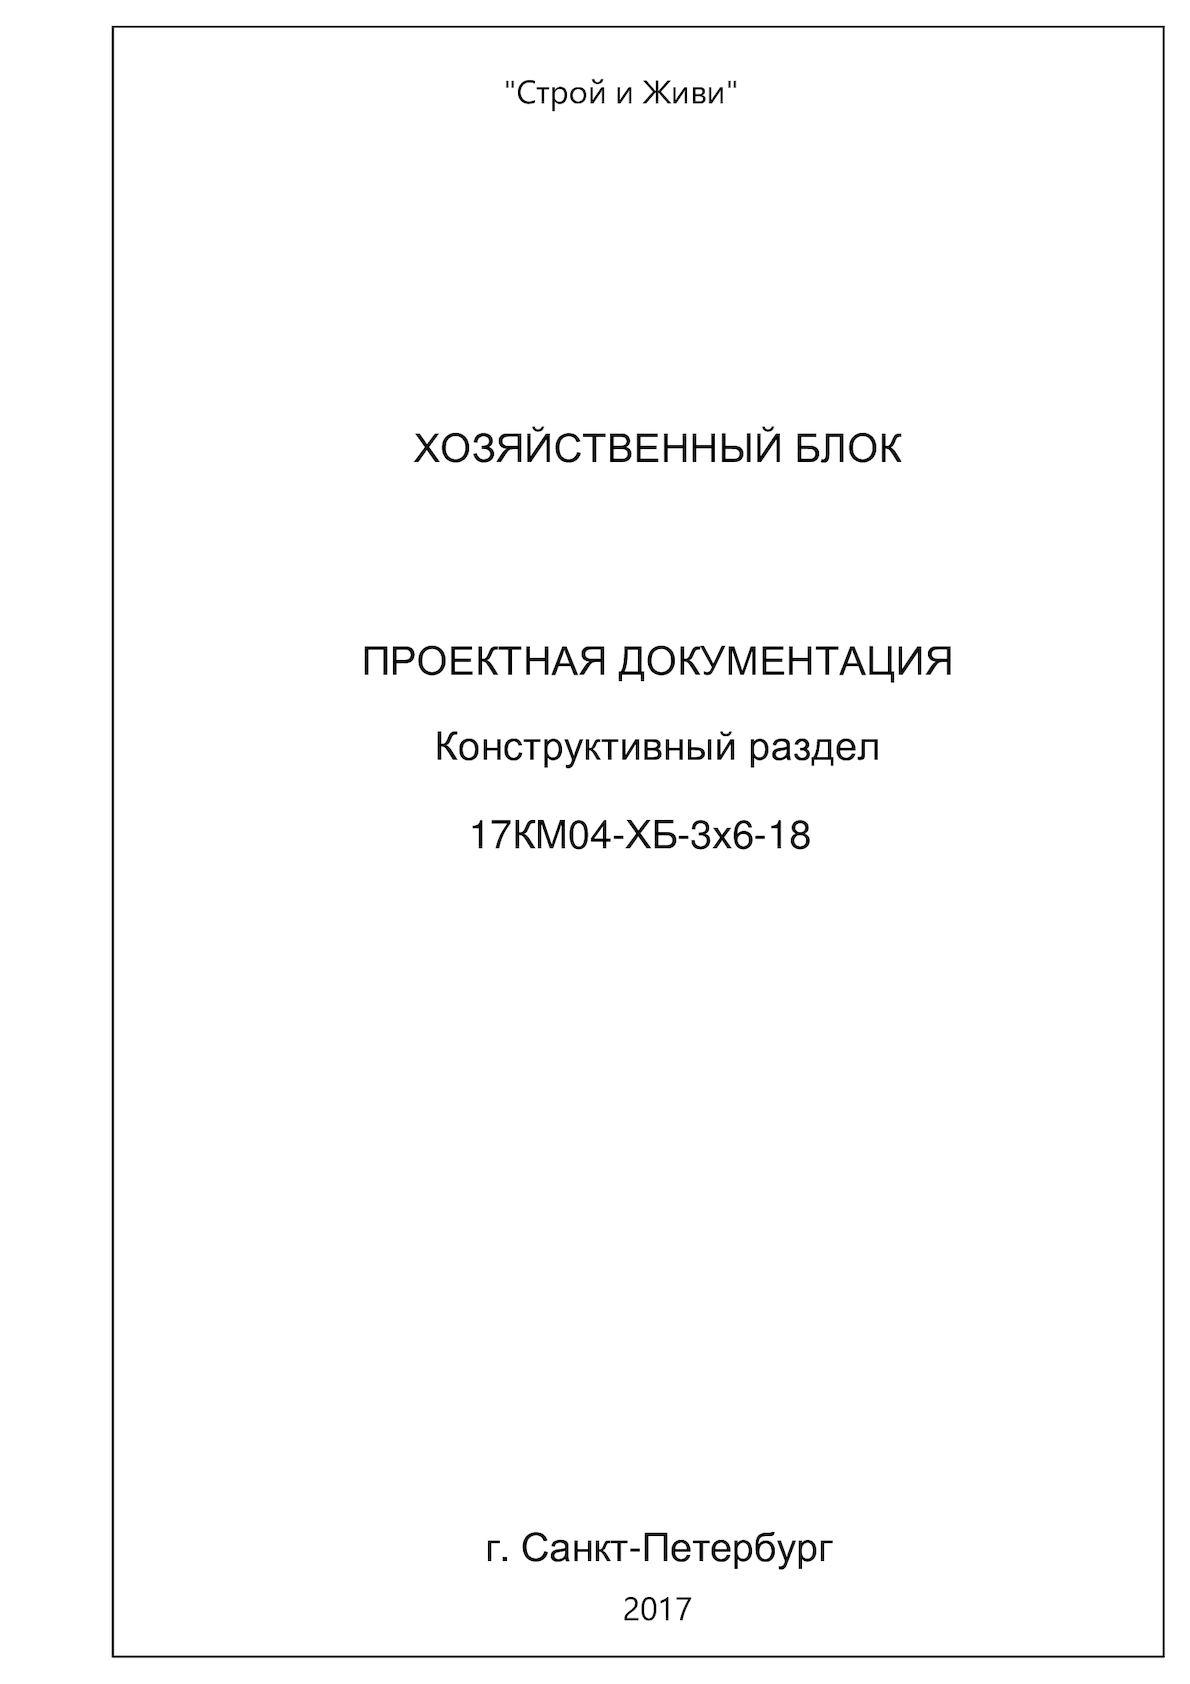 17км04 ХБ 3х6 18(кр)